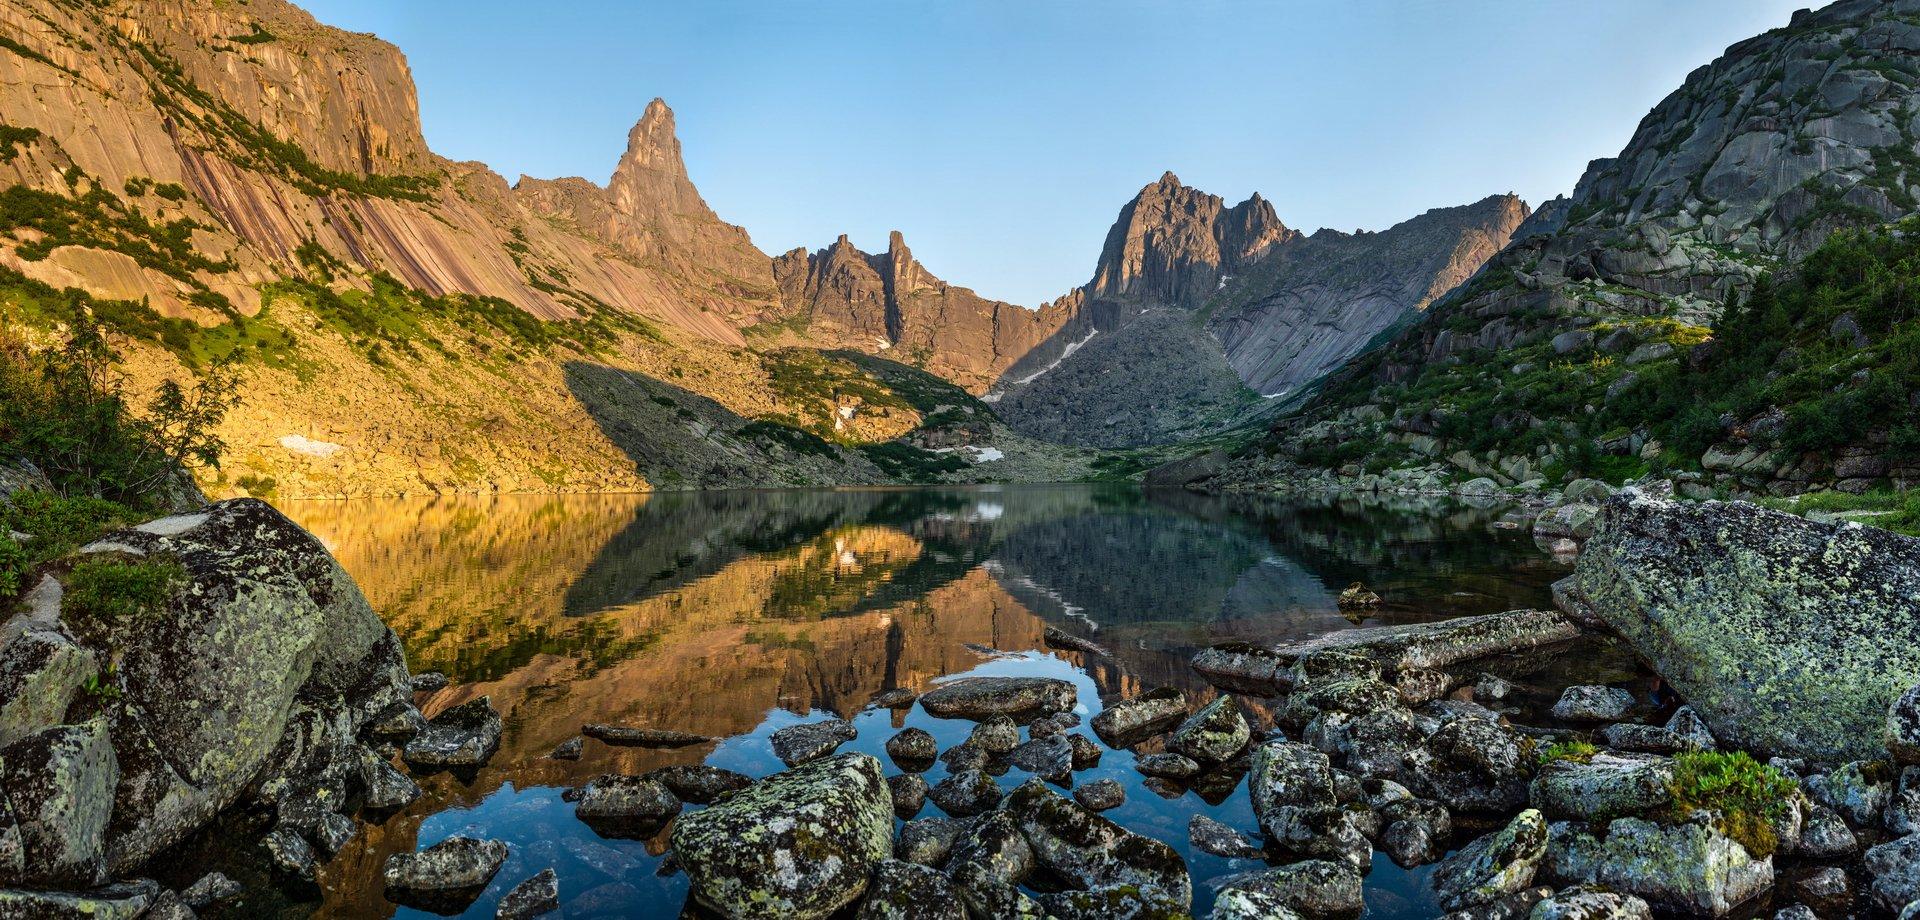 горы, сибирь, саяны, западный саян, ергаки, закат, ник васильев, озеро, отражение, горные духи, Ник Васильев